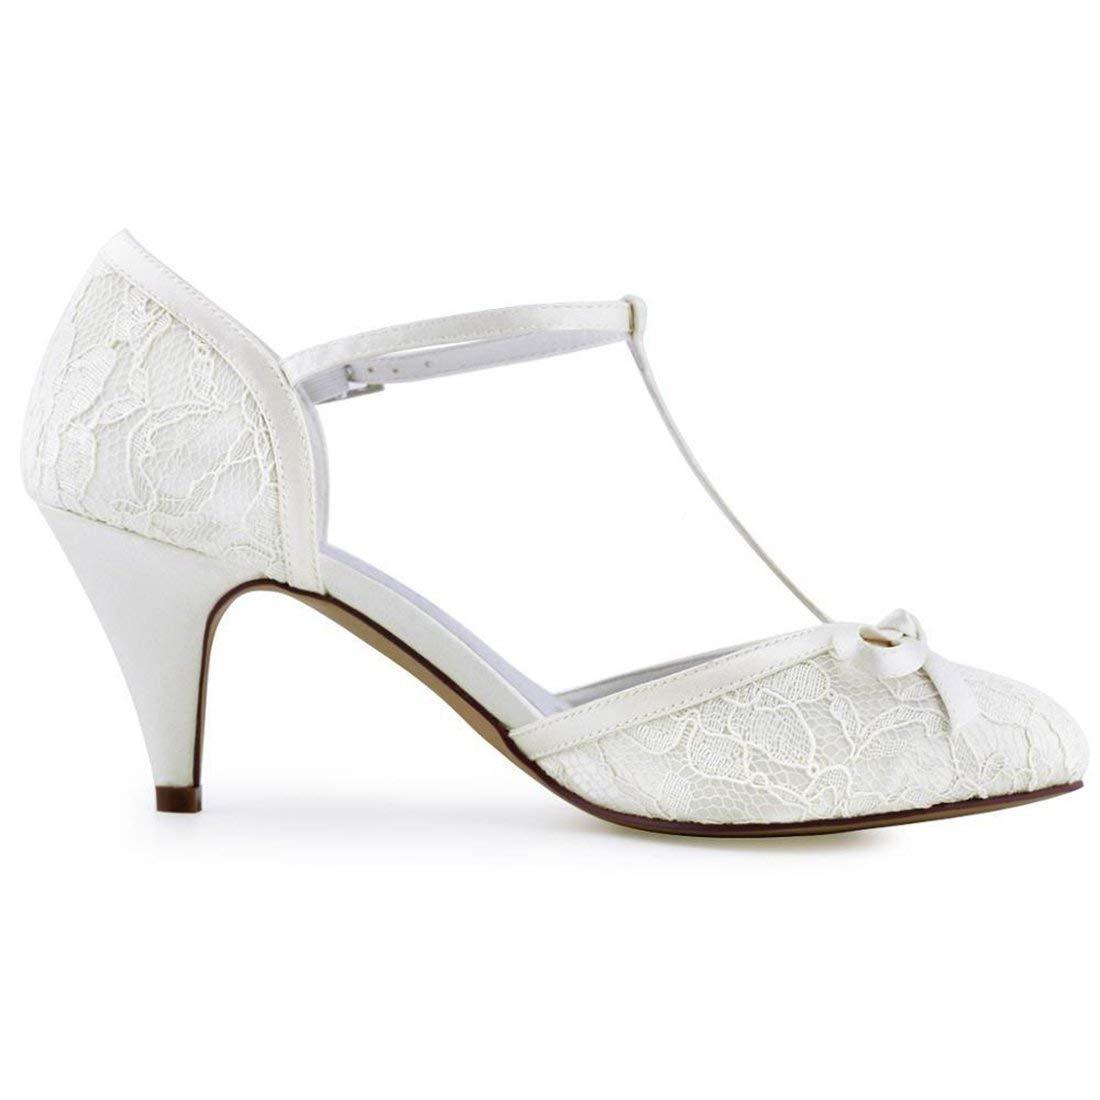 Qiusa Damen Knoten Retro Schöne Elfenbein Elfenbein Elfenbein Spitze Braut Hochzeit T-Strap Schuhe UK 4 (Farbe   - Größe   -) 85636f